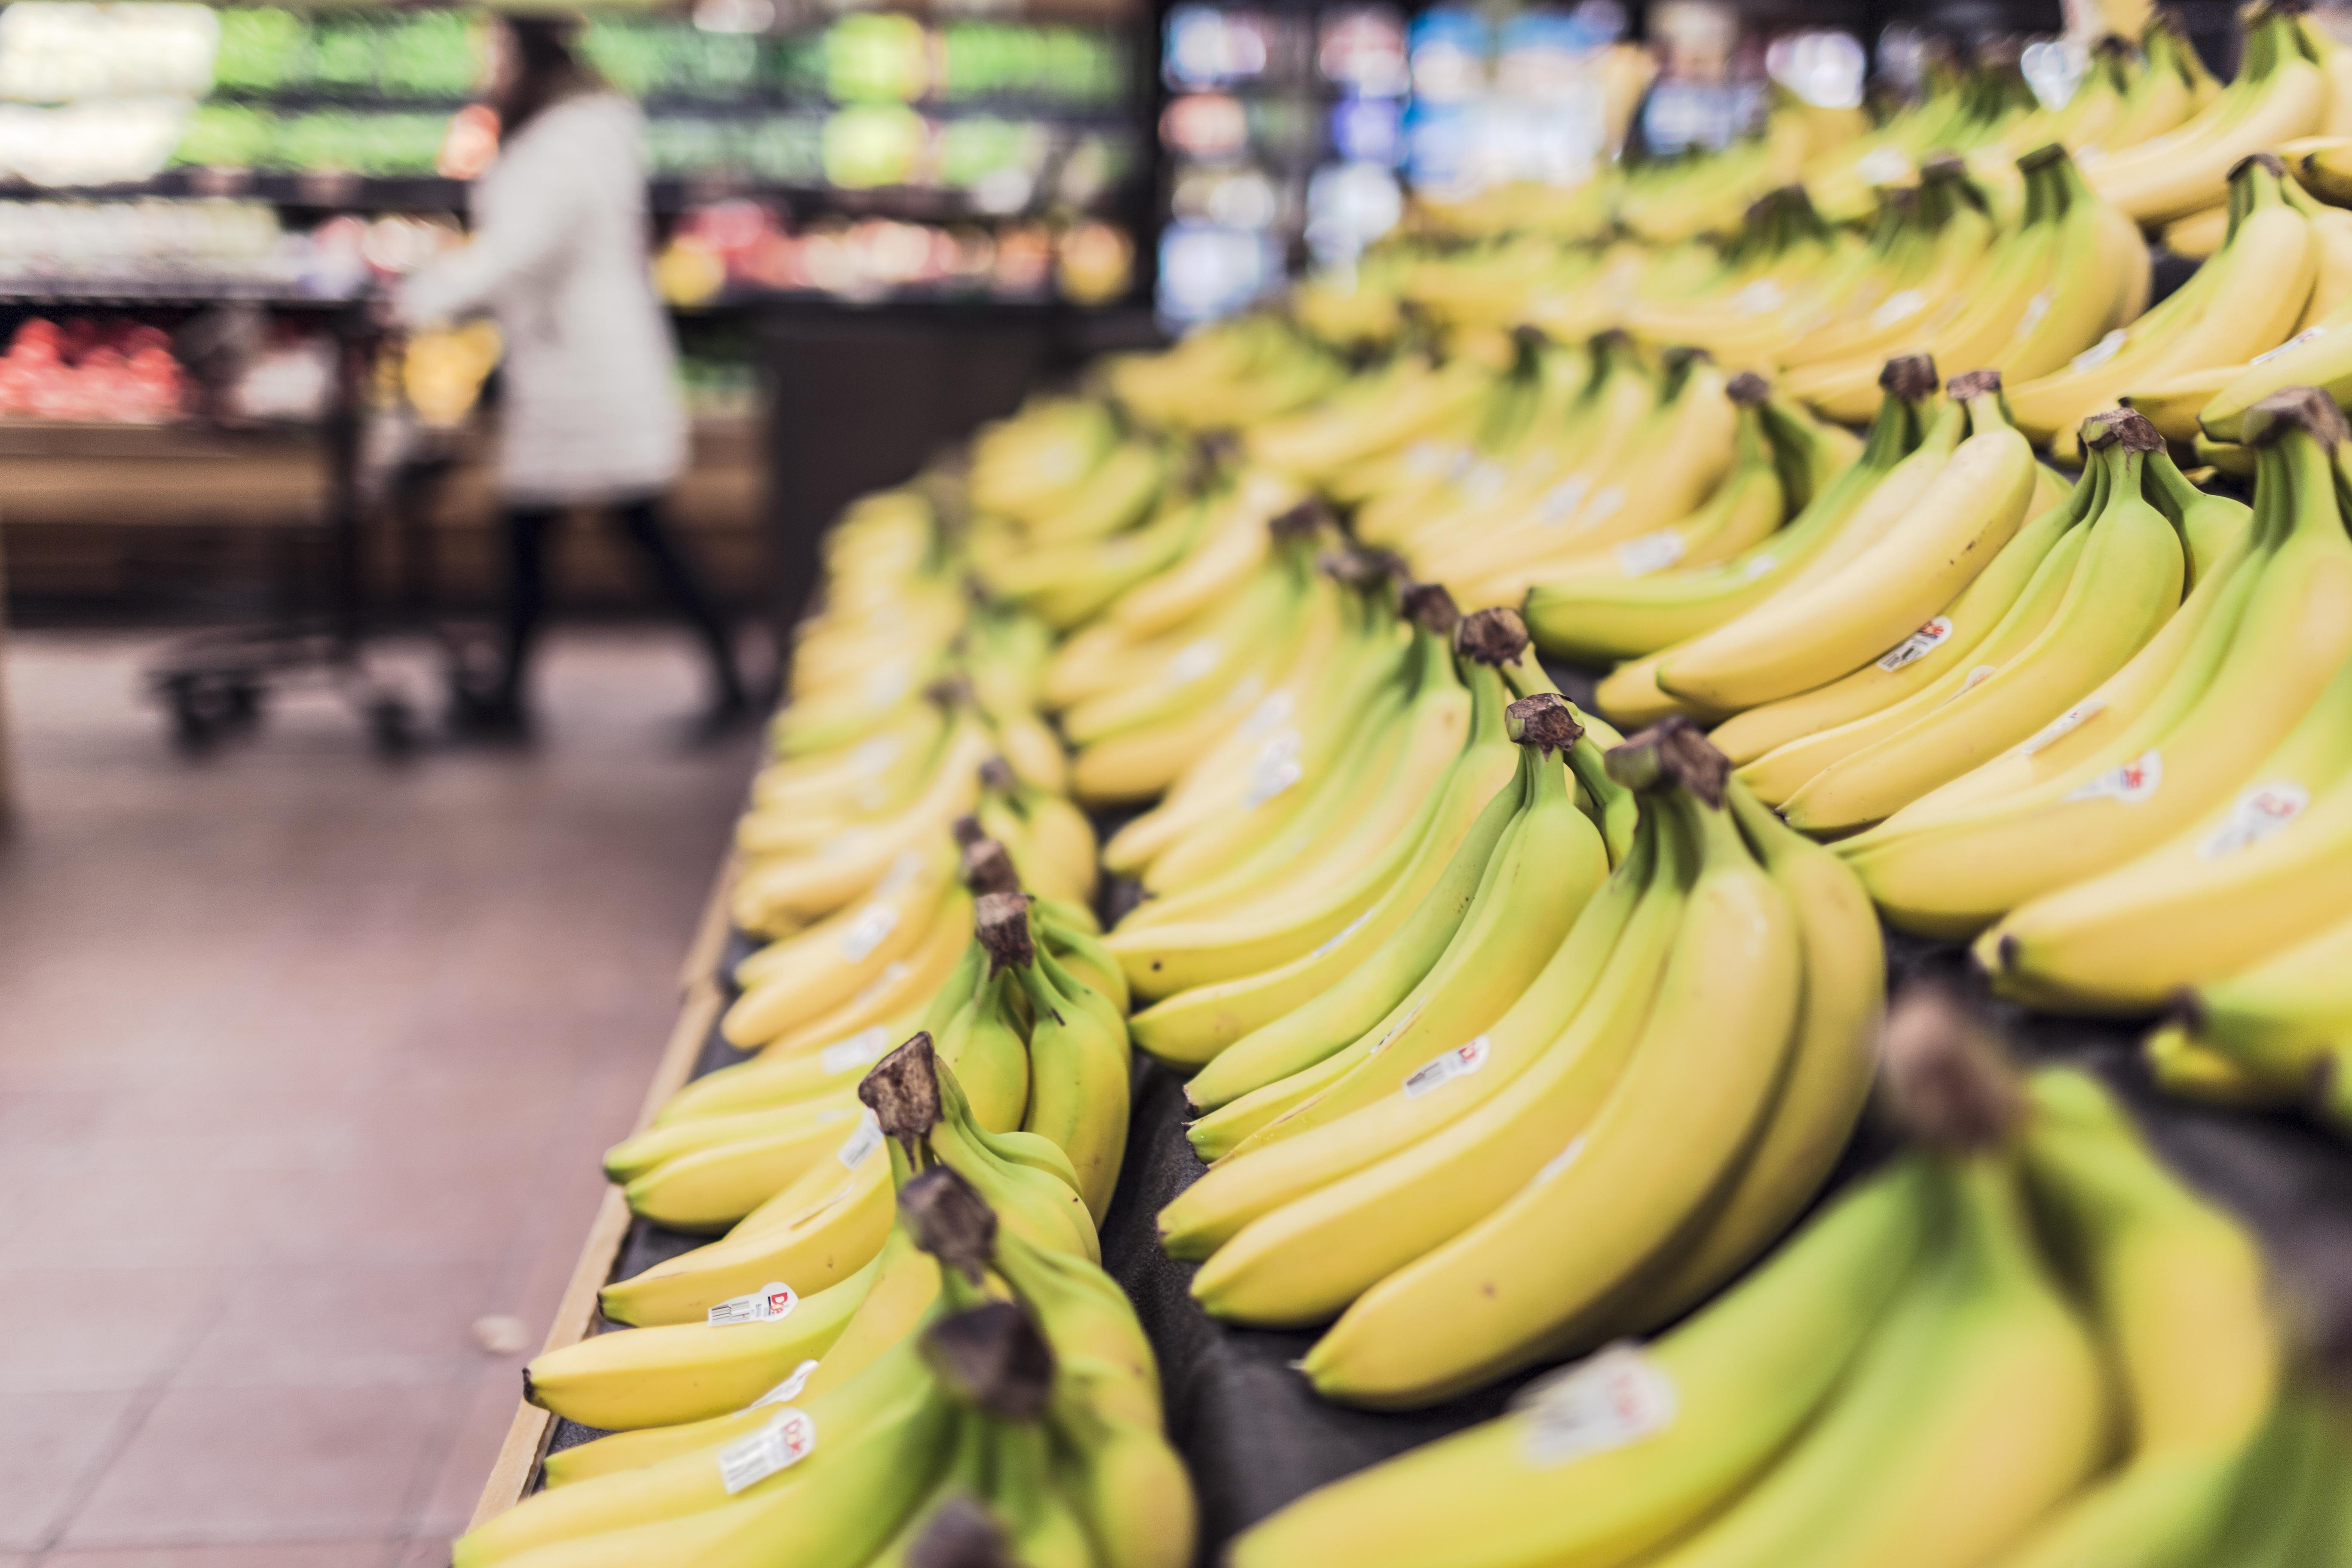 auf-diesem-bild-ist-der-obststand-eines-supermarktes.png